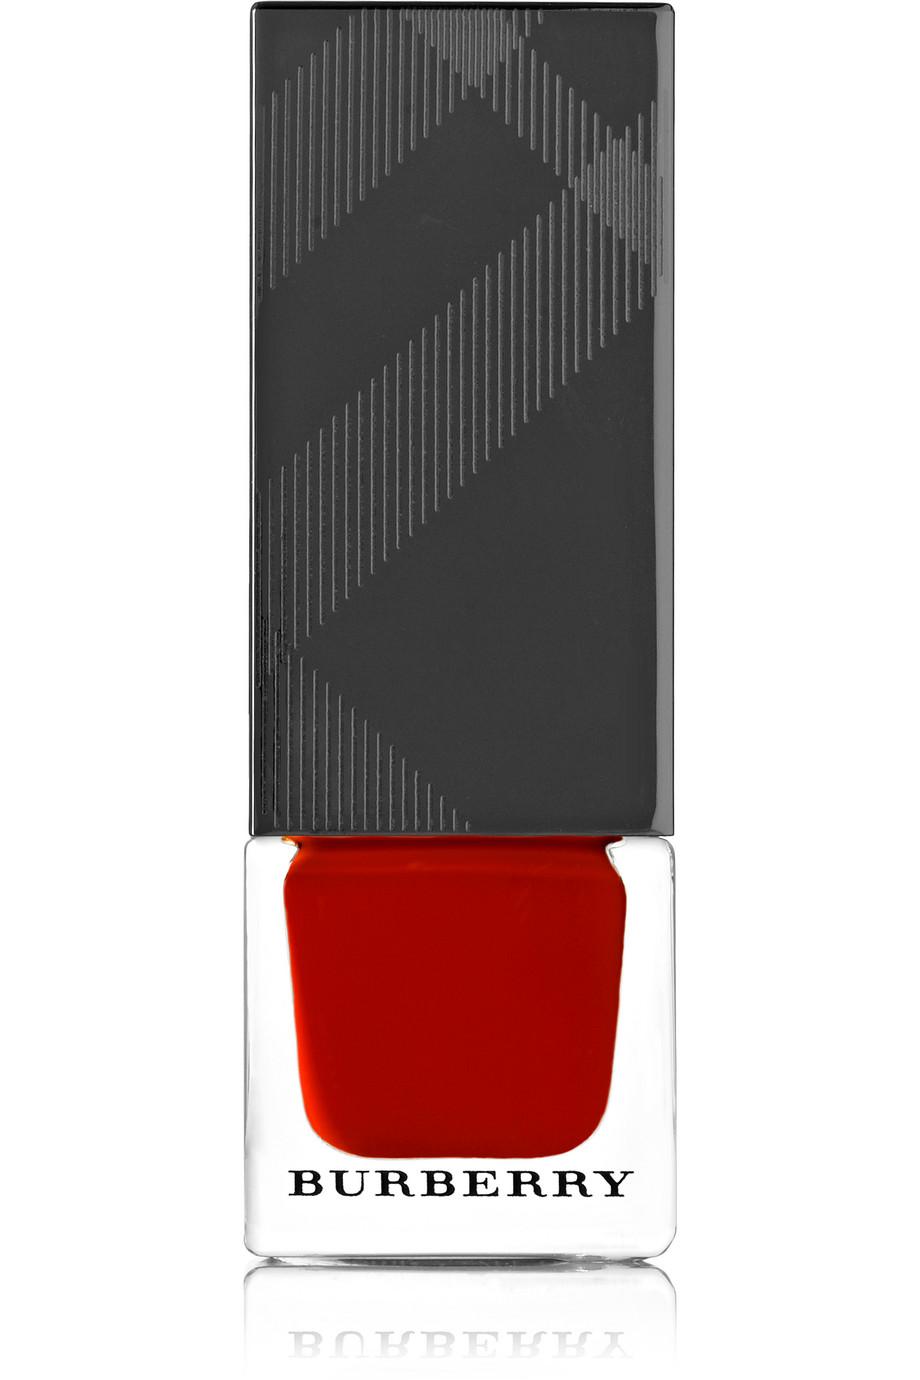 Burberry Beauty Nail Polish - Poppy Red No.301